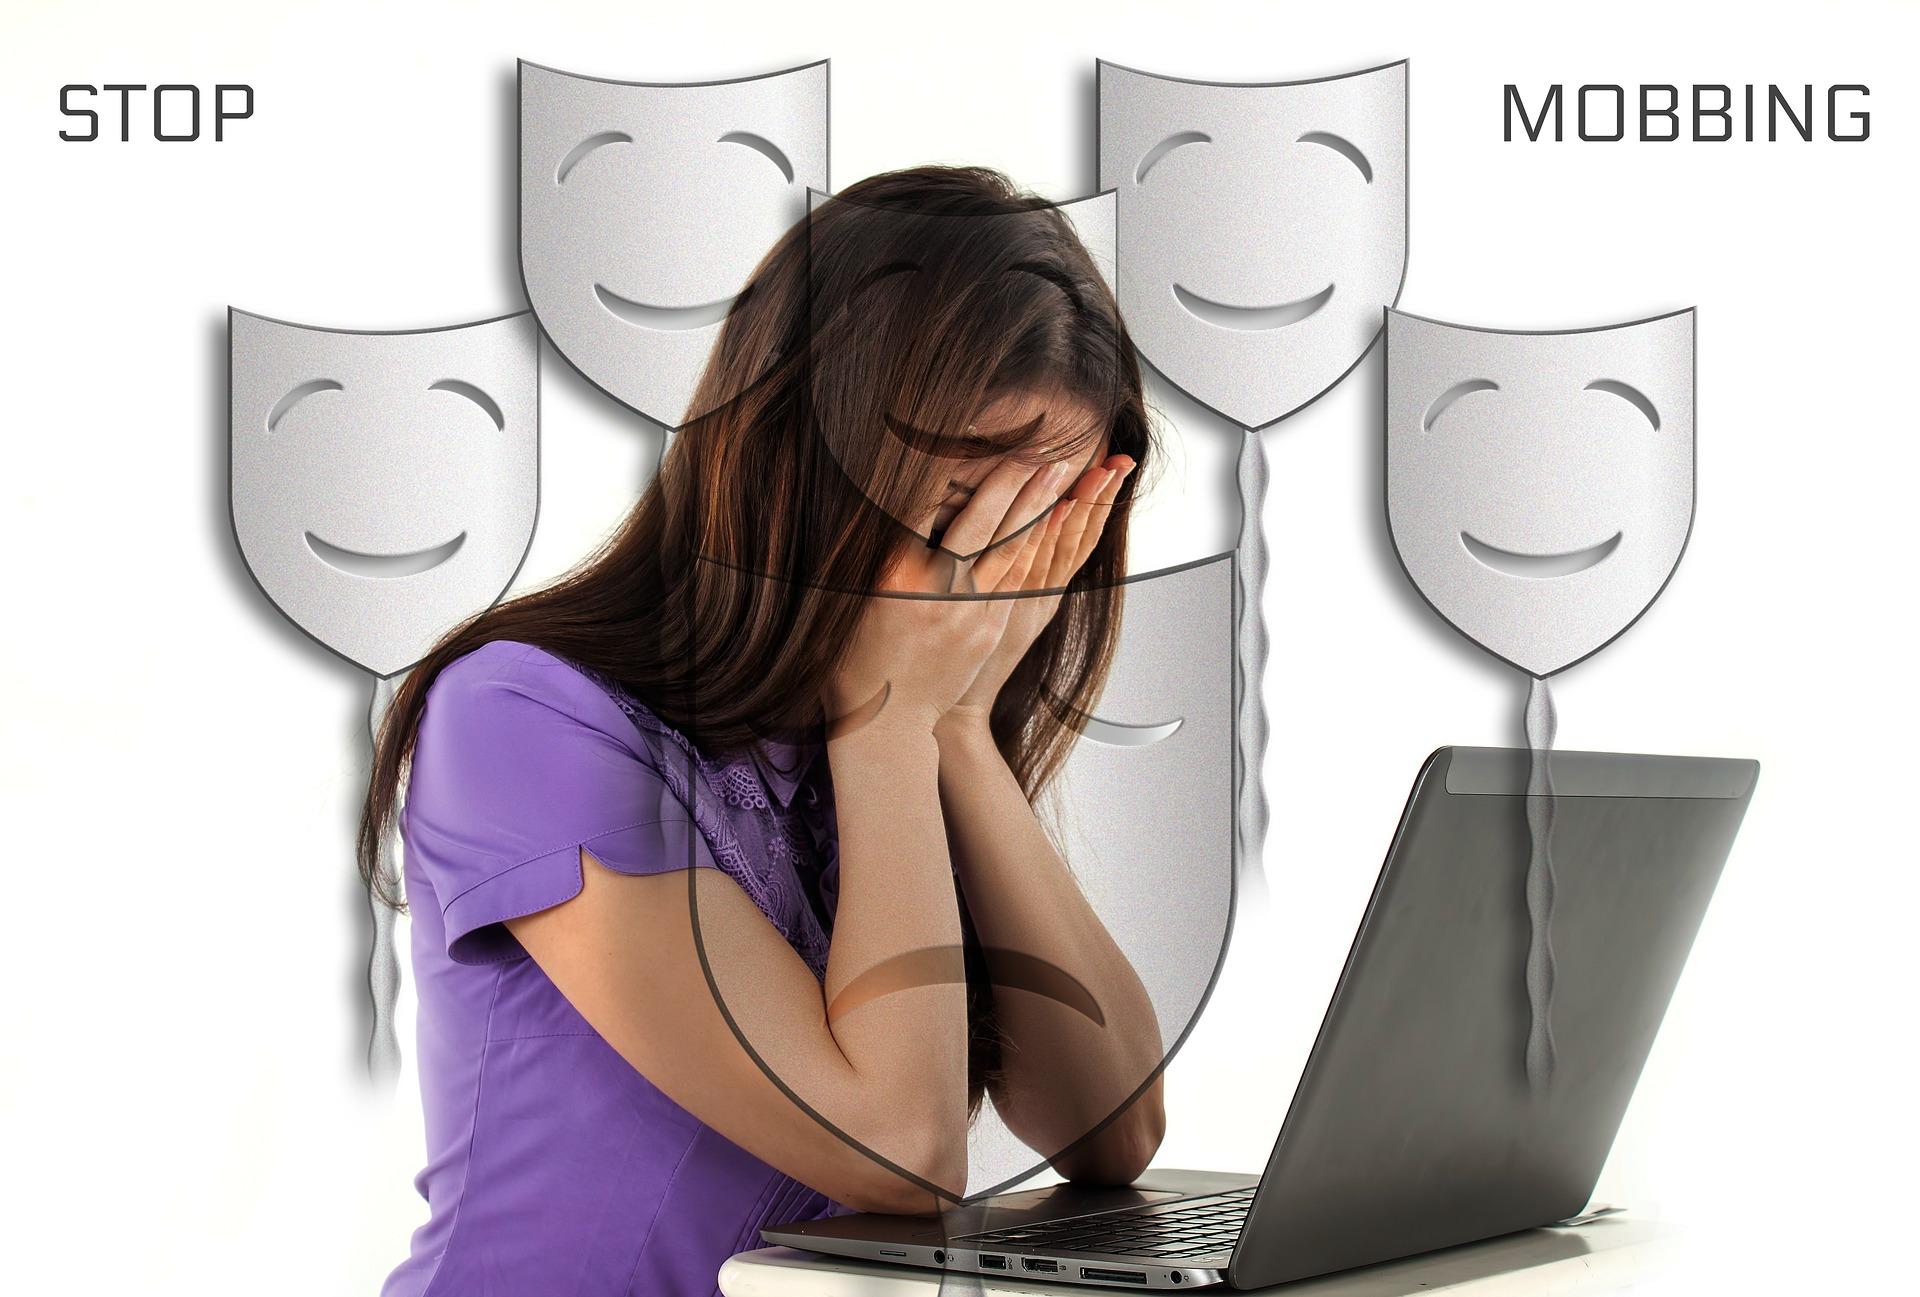 Mobbing czy naruszenie dóbr osobistych? Część 1